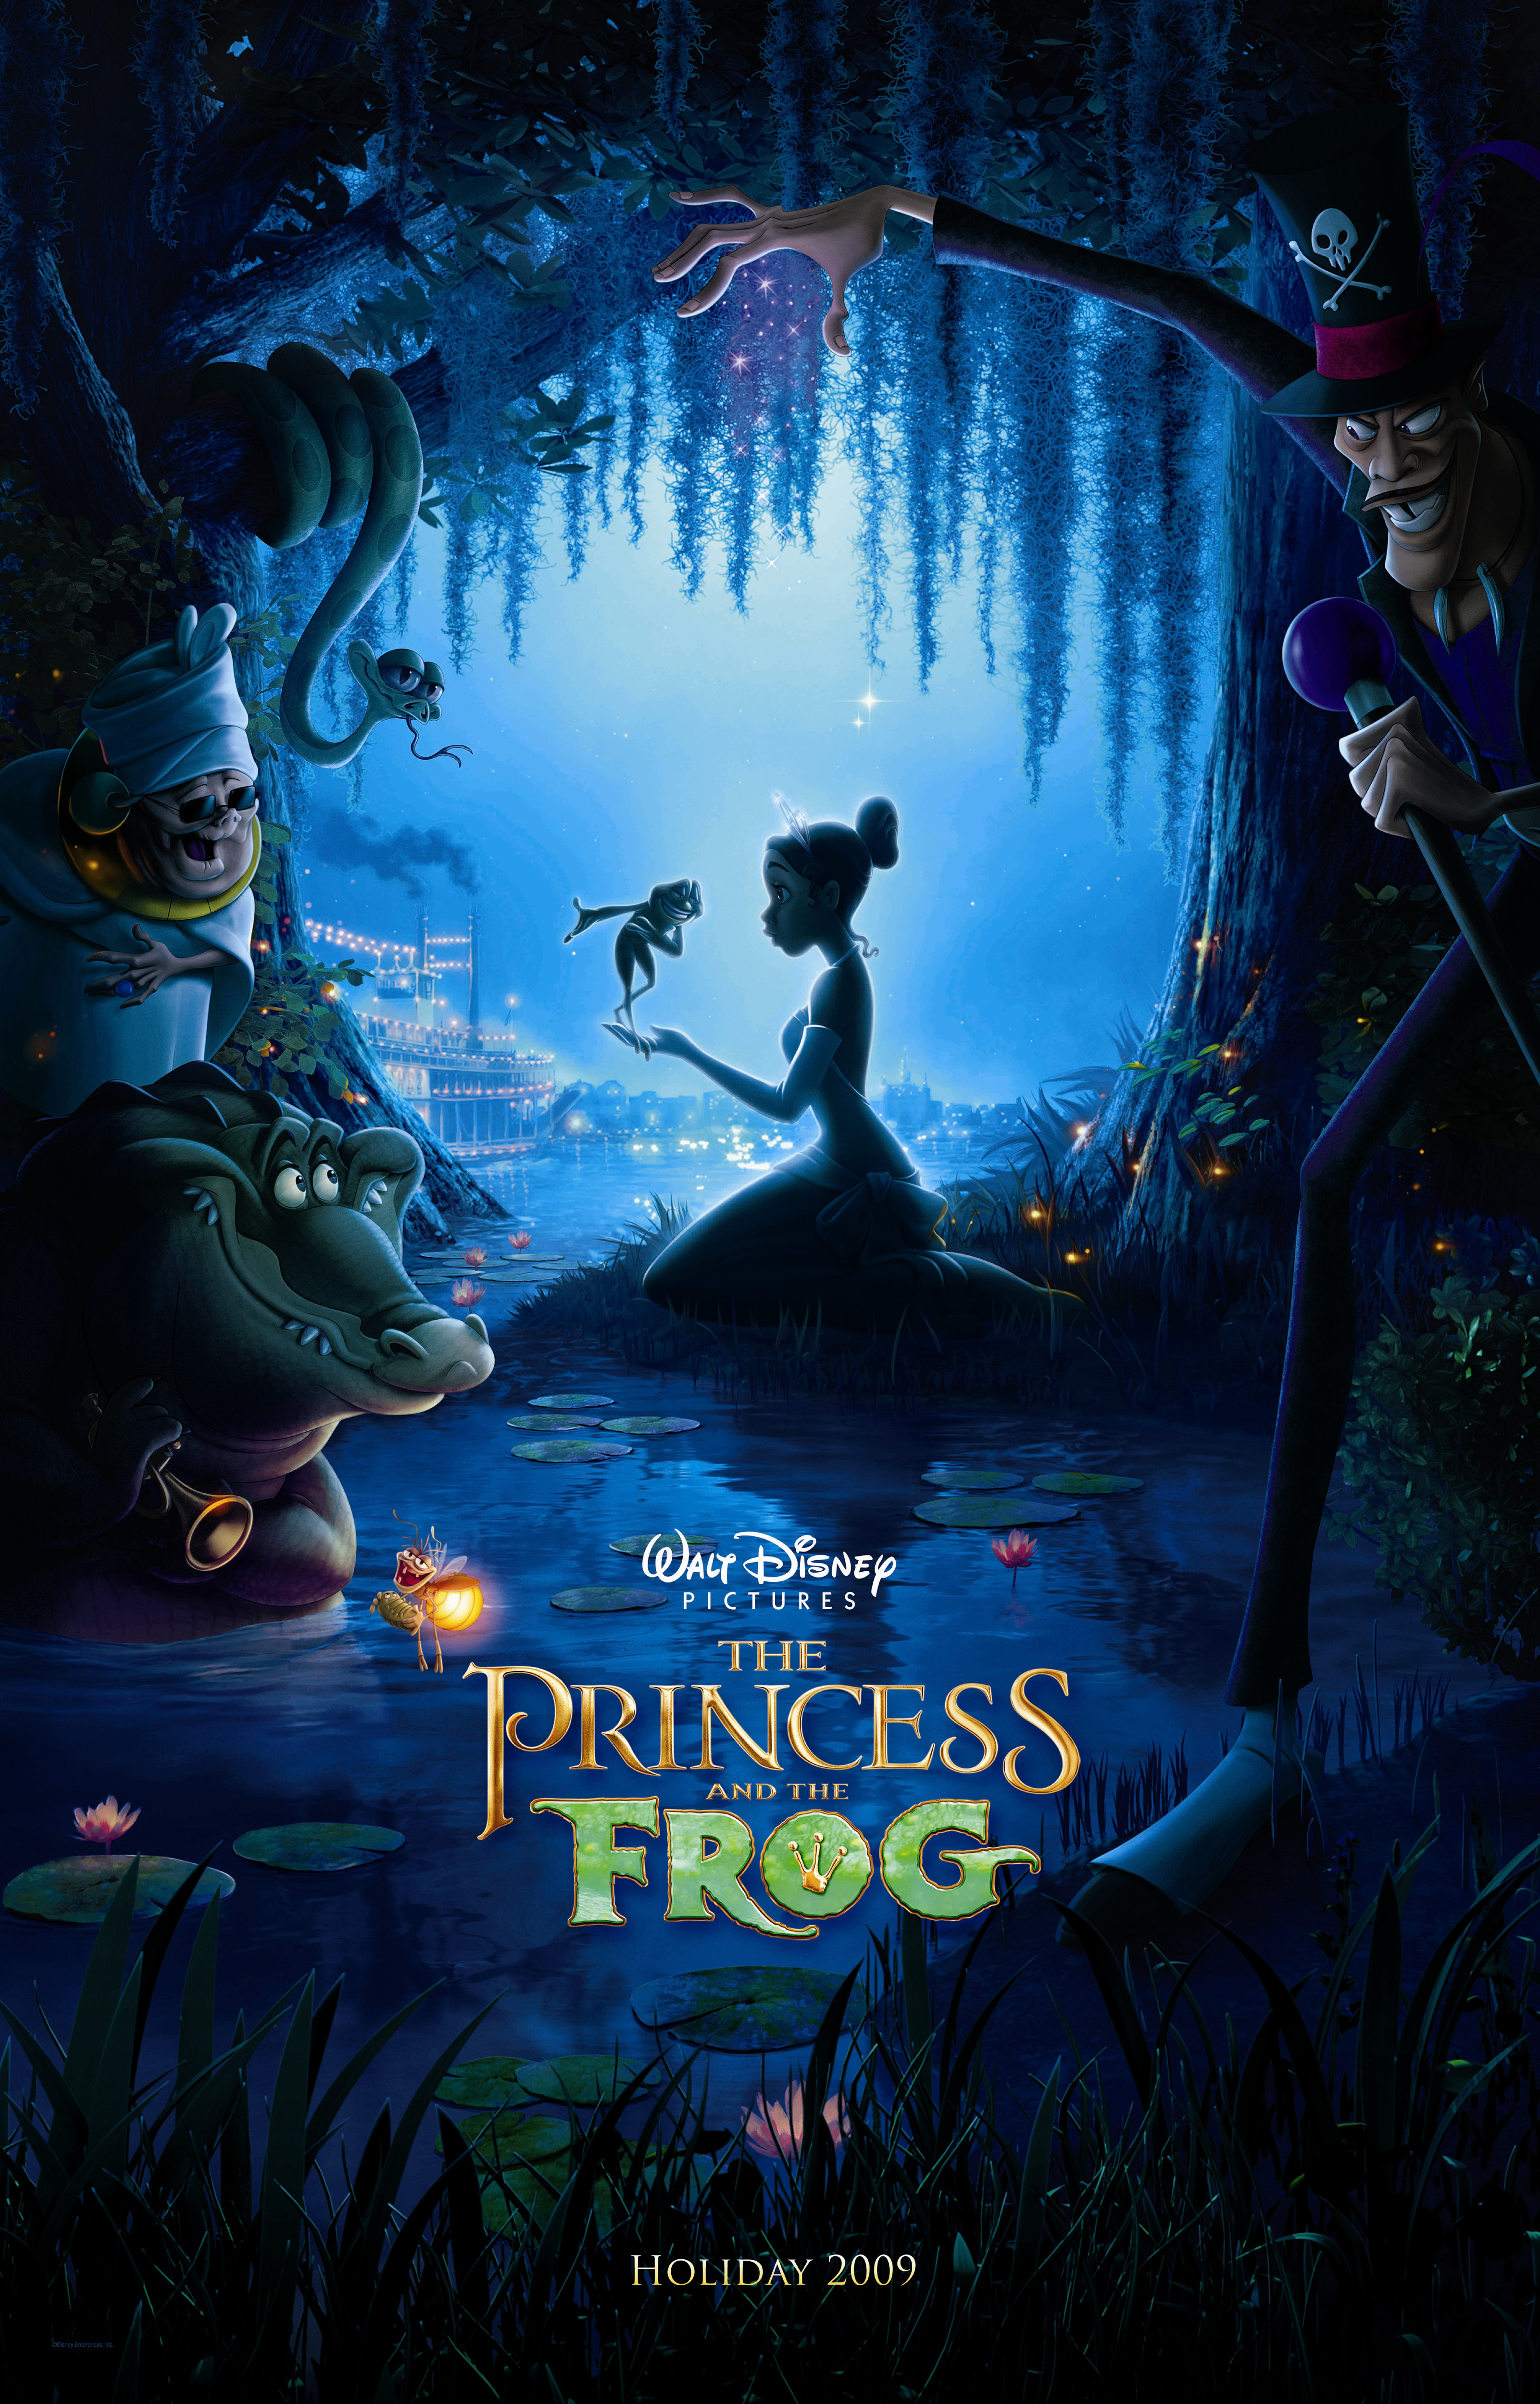 Girl Eats Live Frog